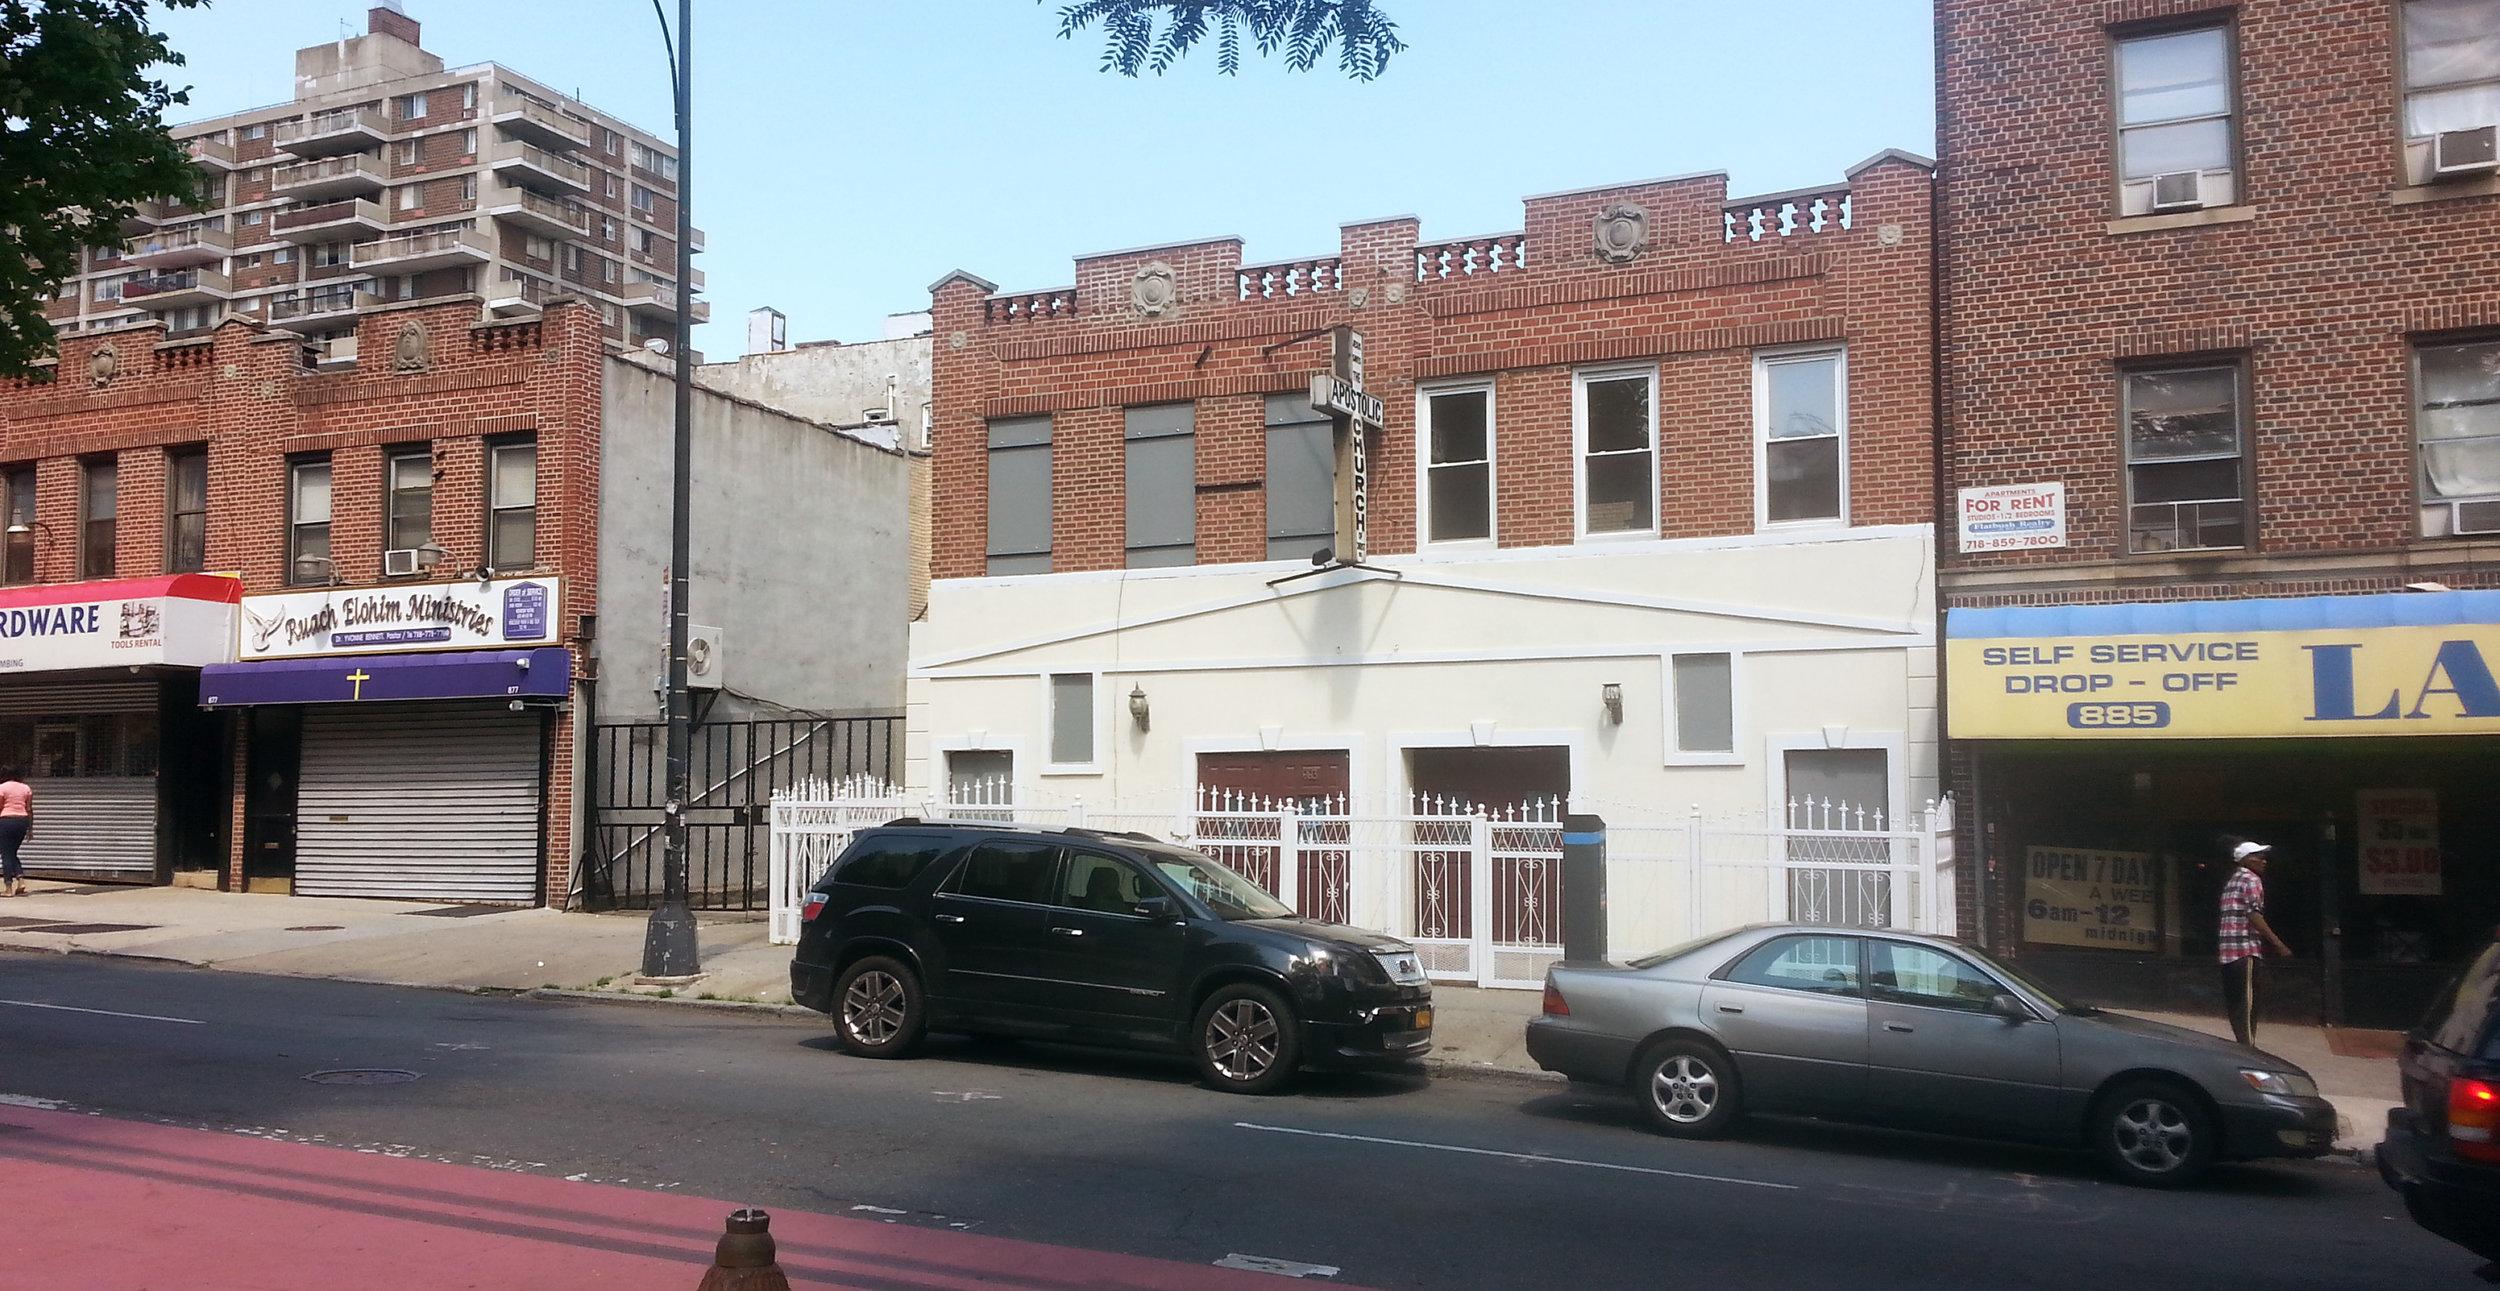 883 Nostrand Ave., Brooklyn, NY. Photo: Darryl Montgomery.